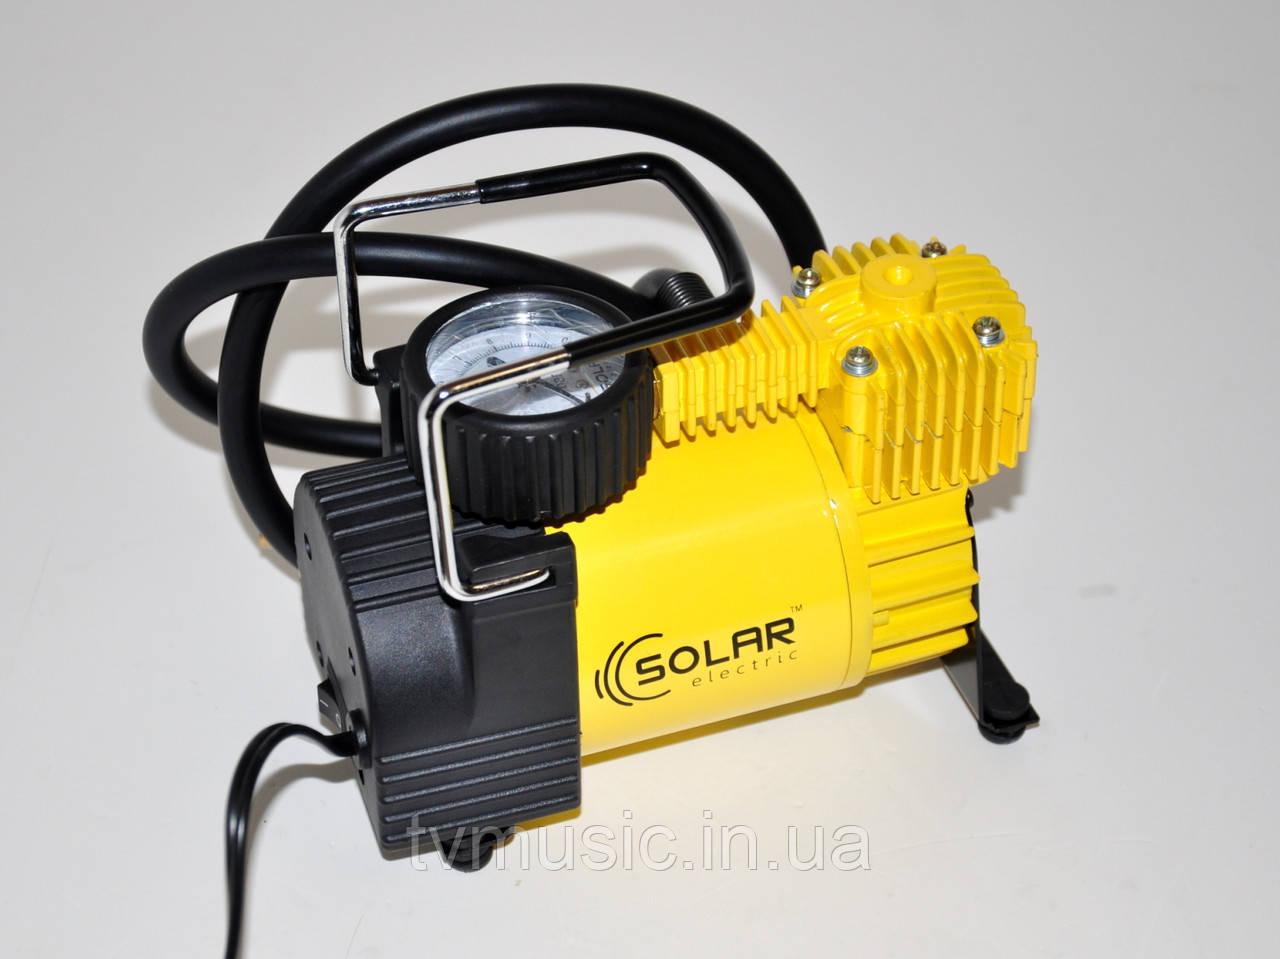 Компрессор автомобильный Solar AR 201